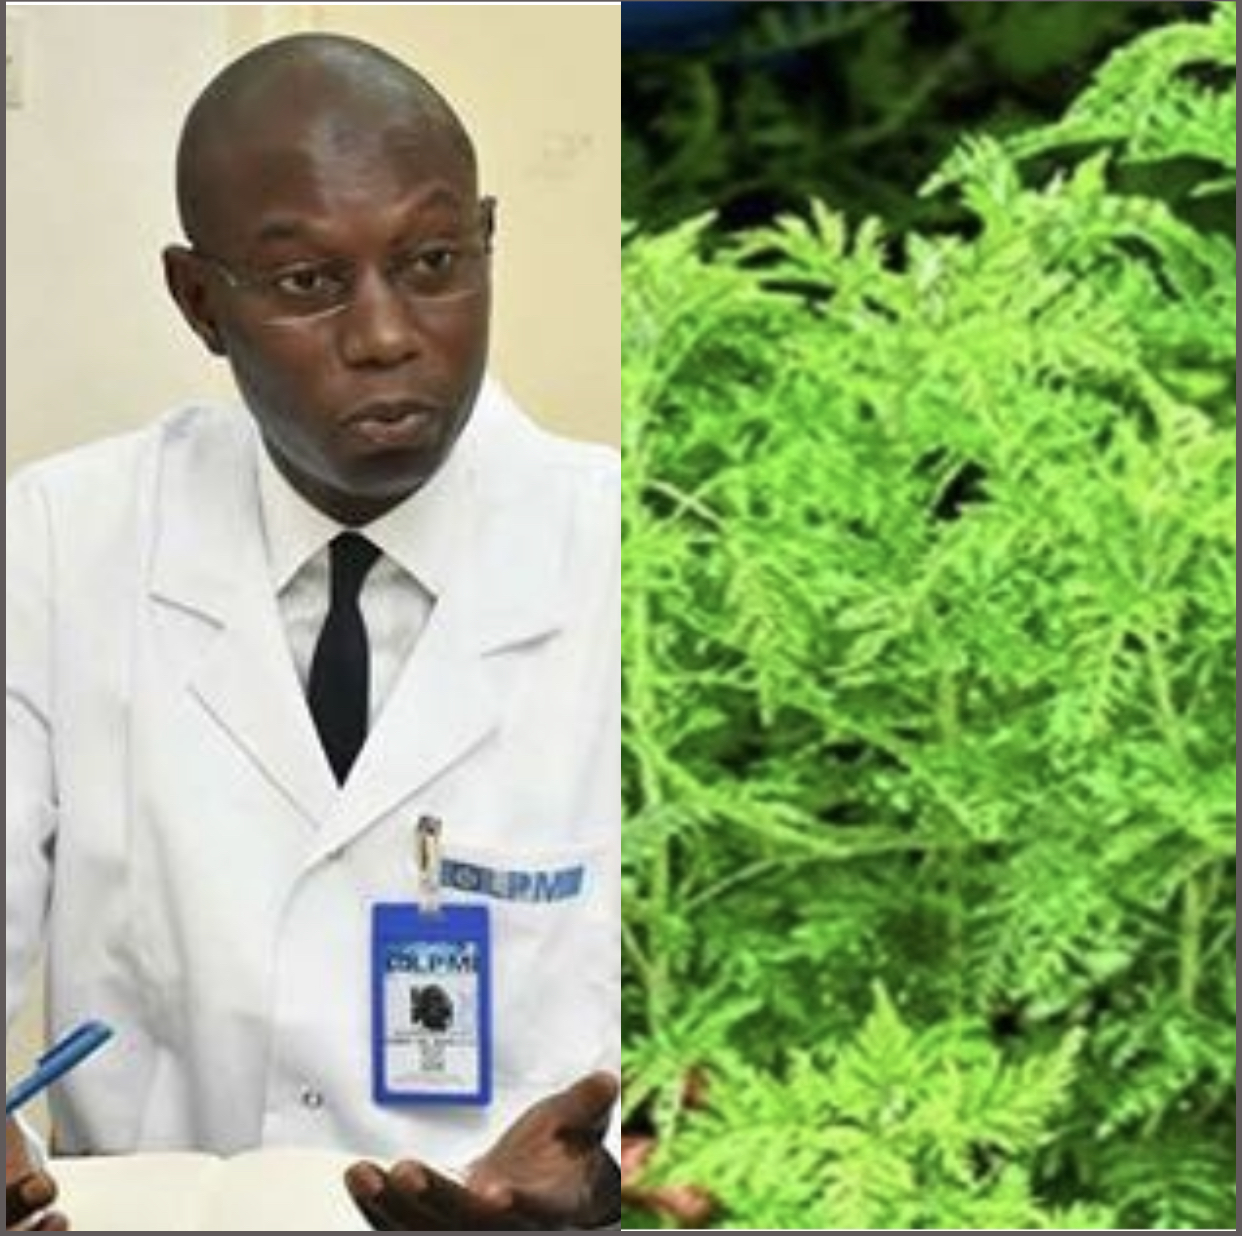 Exclusif! Essai clinique sur l'artémisia : le comité national d'éthique pour la recherche en santé a reçu le protocole du Dr Daouda Ndiaye.